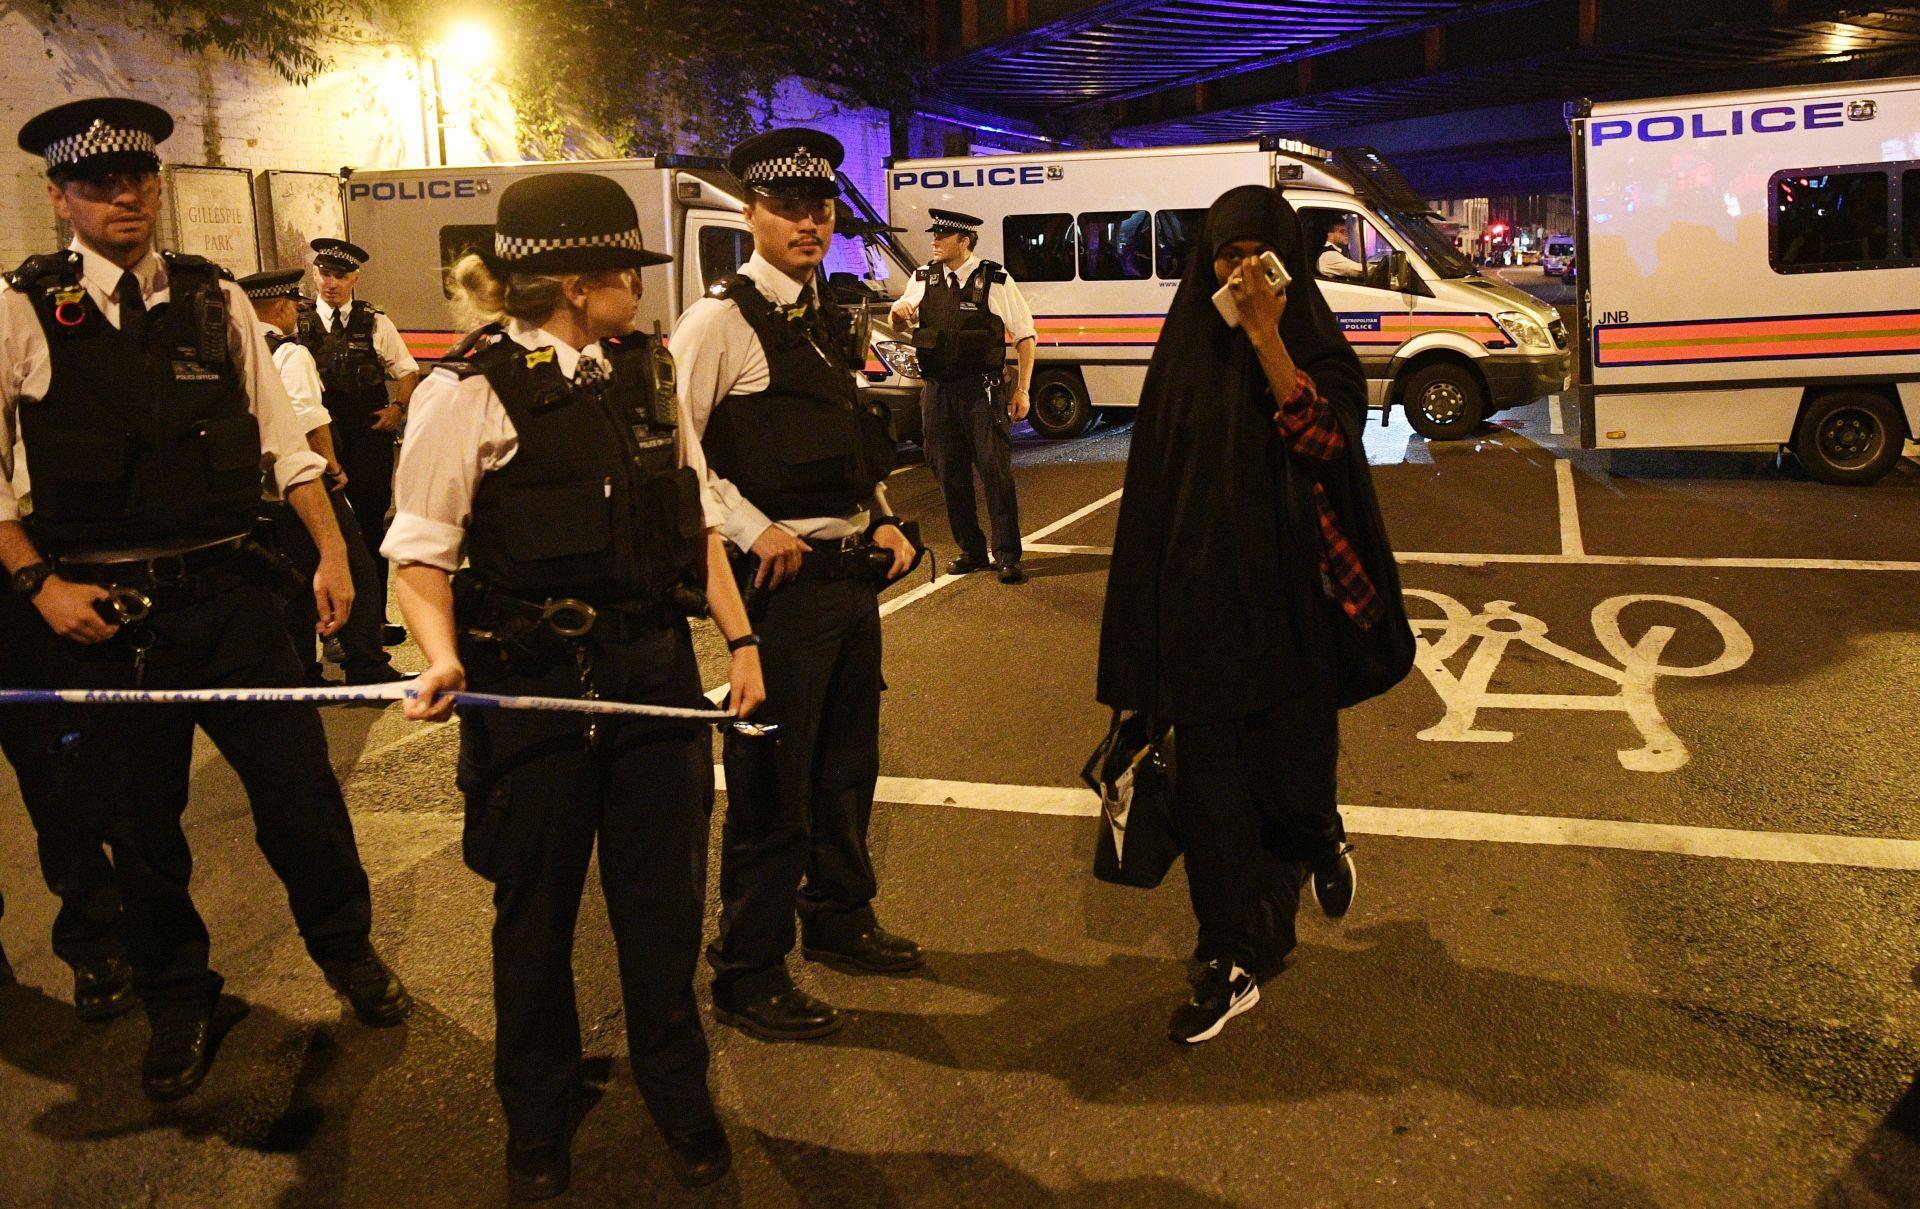 Napadaču iz Londona najmanje 43 godine zatvora